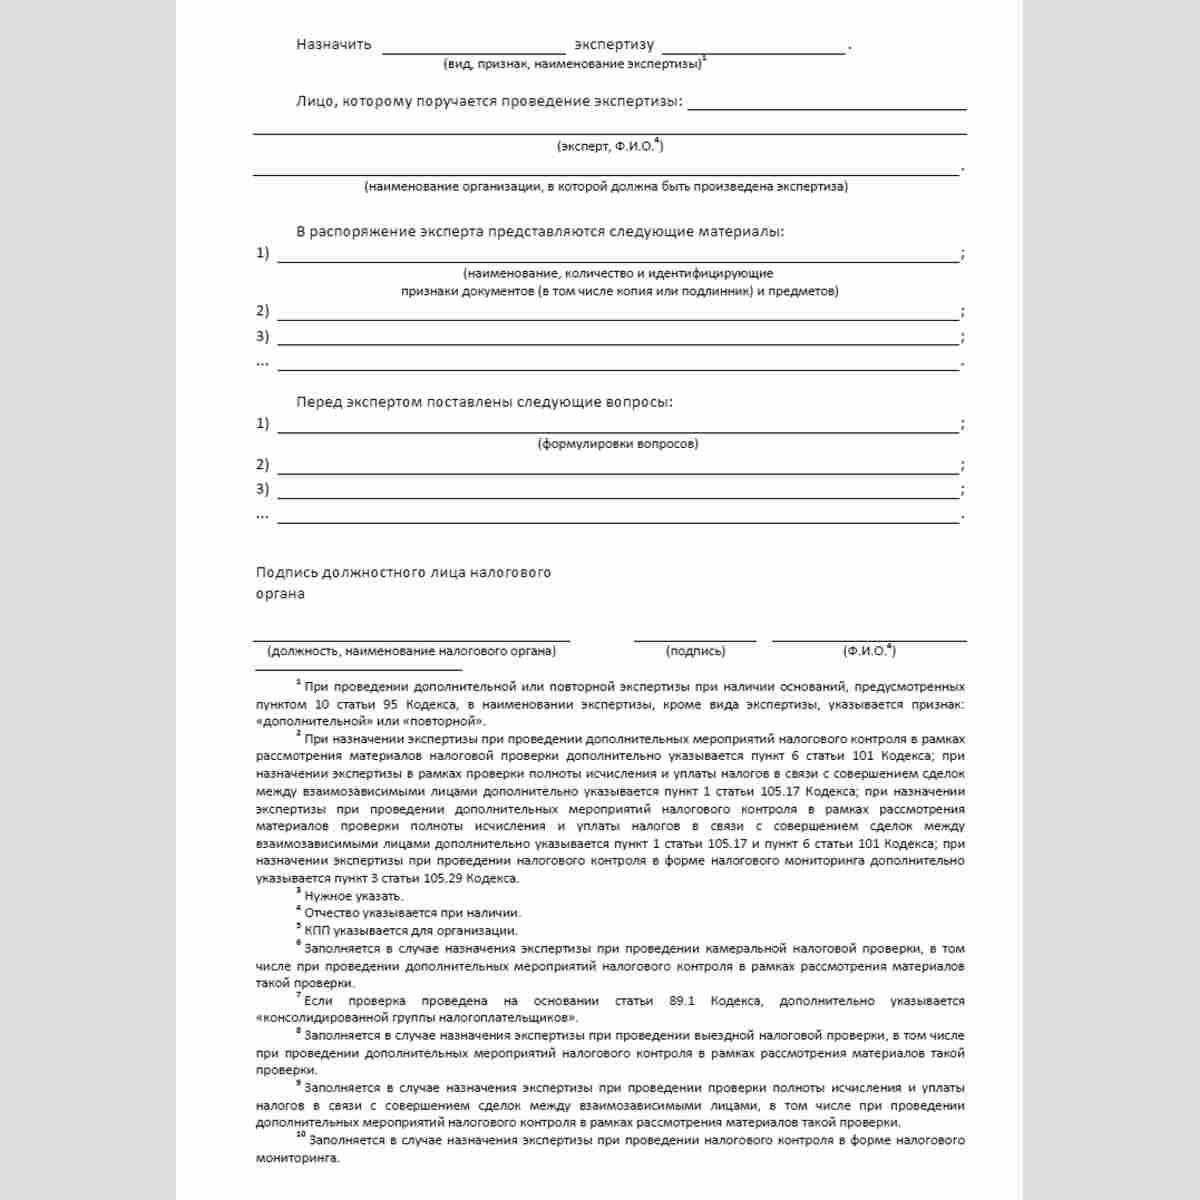 """Форма КНД 1165017 """"Постановление о назначении экспертизы"""". Стр. 2"""